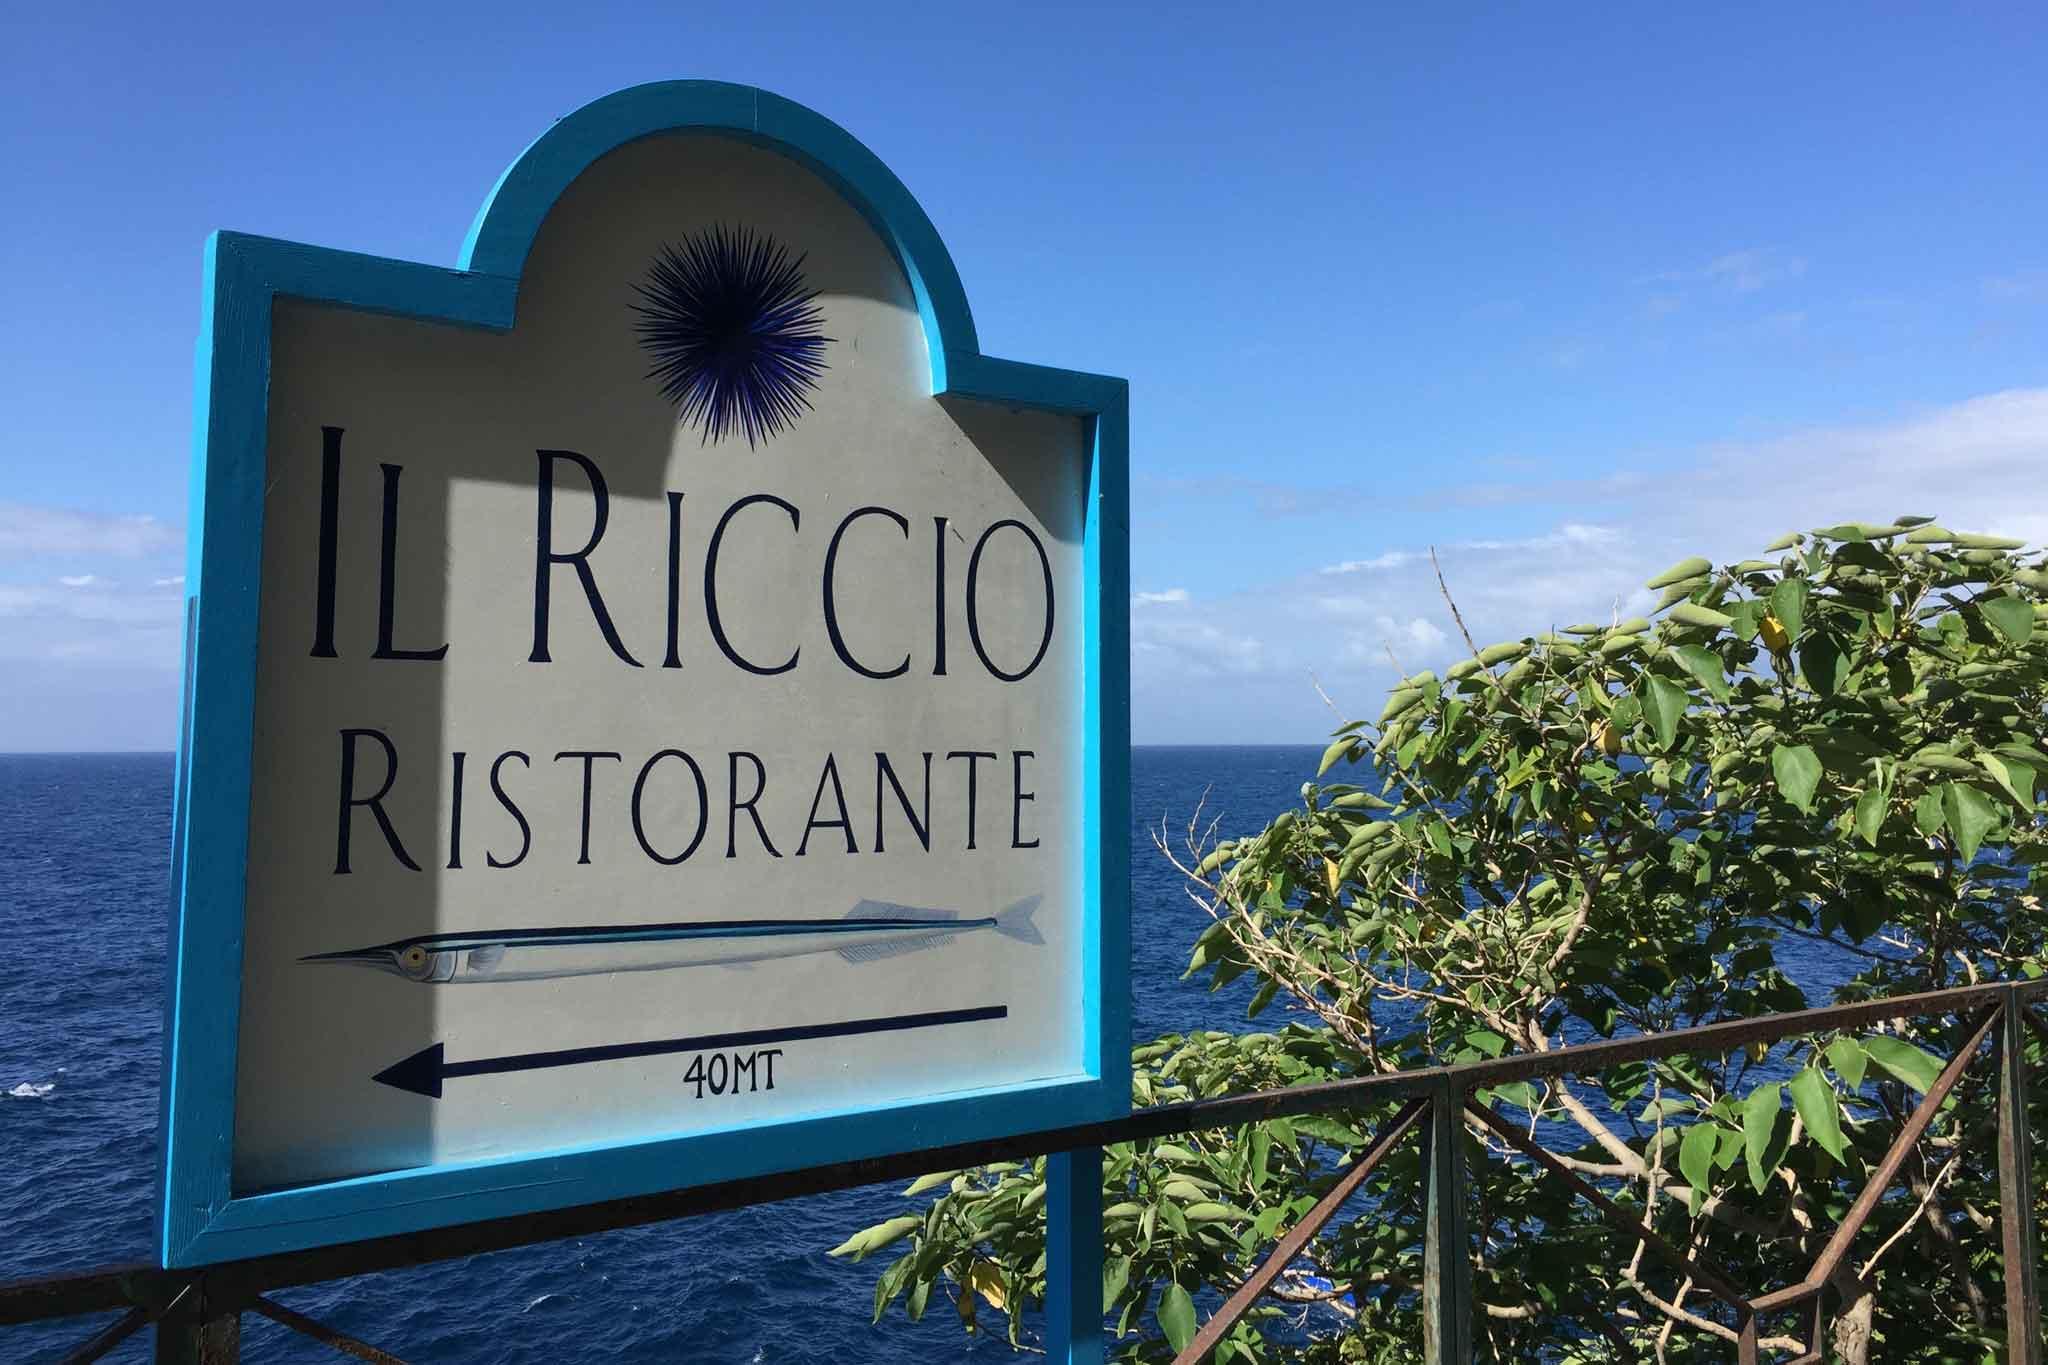 Il Riccio ristorante Capri